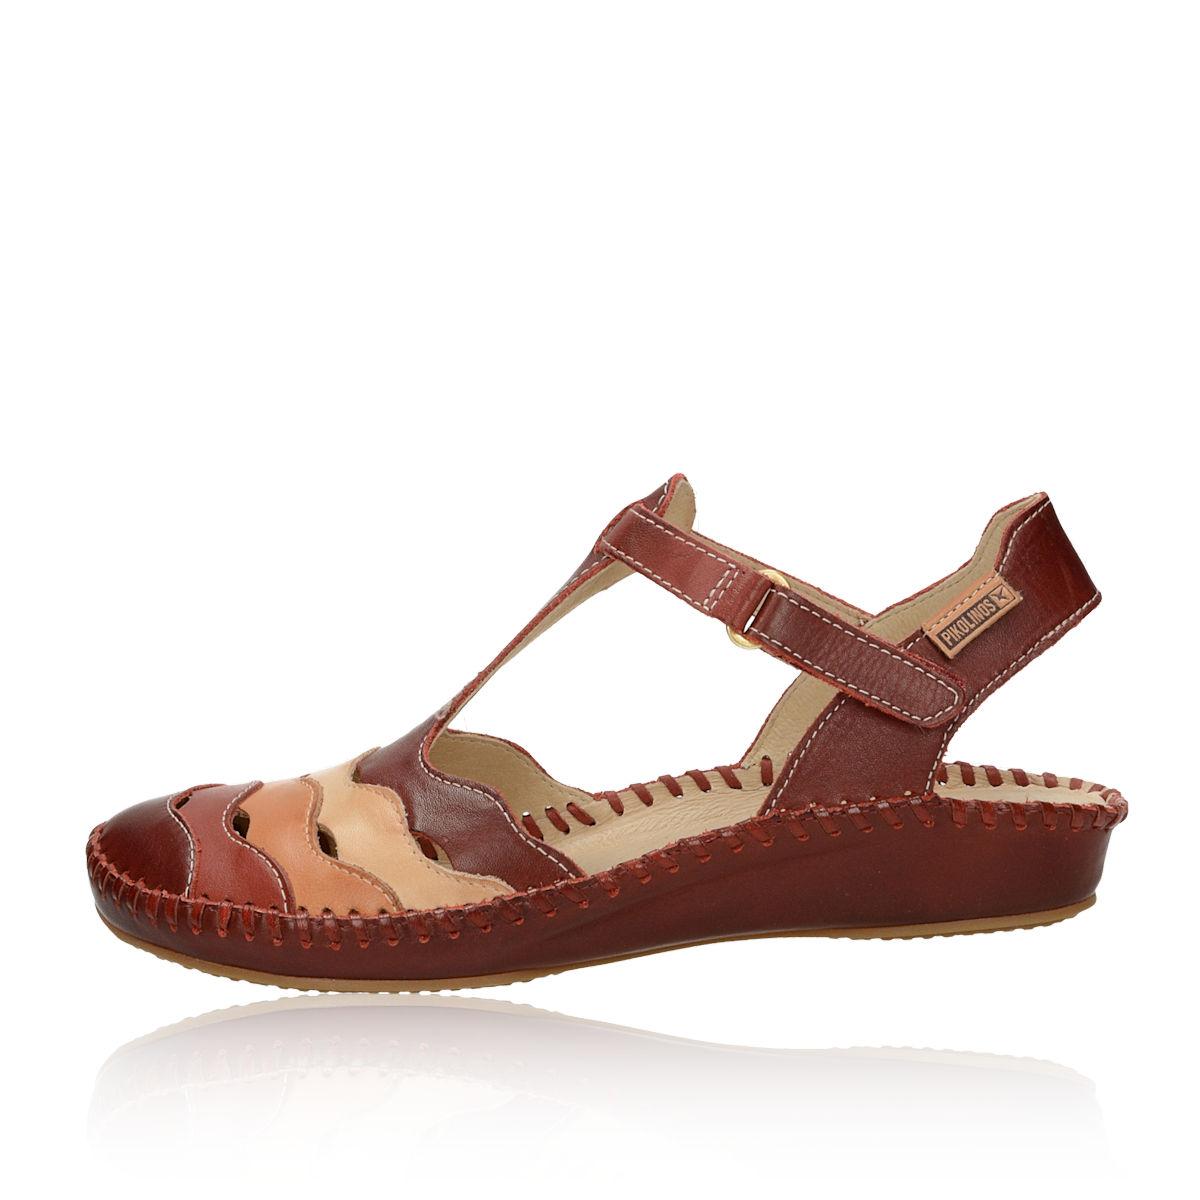 ddfea1af9484 ... Pikolinos dámske kožené pohodlné sandále - bordové ...